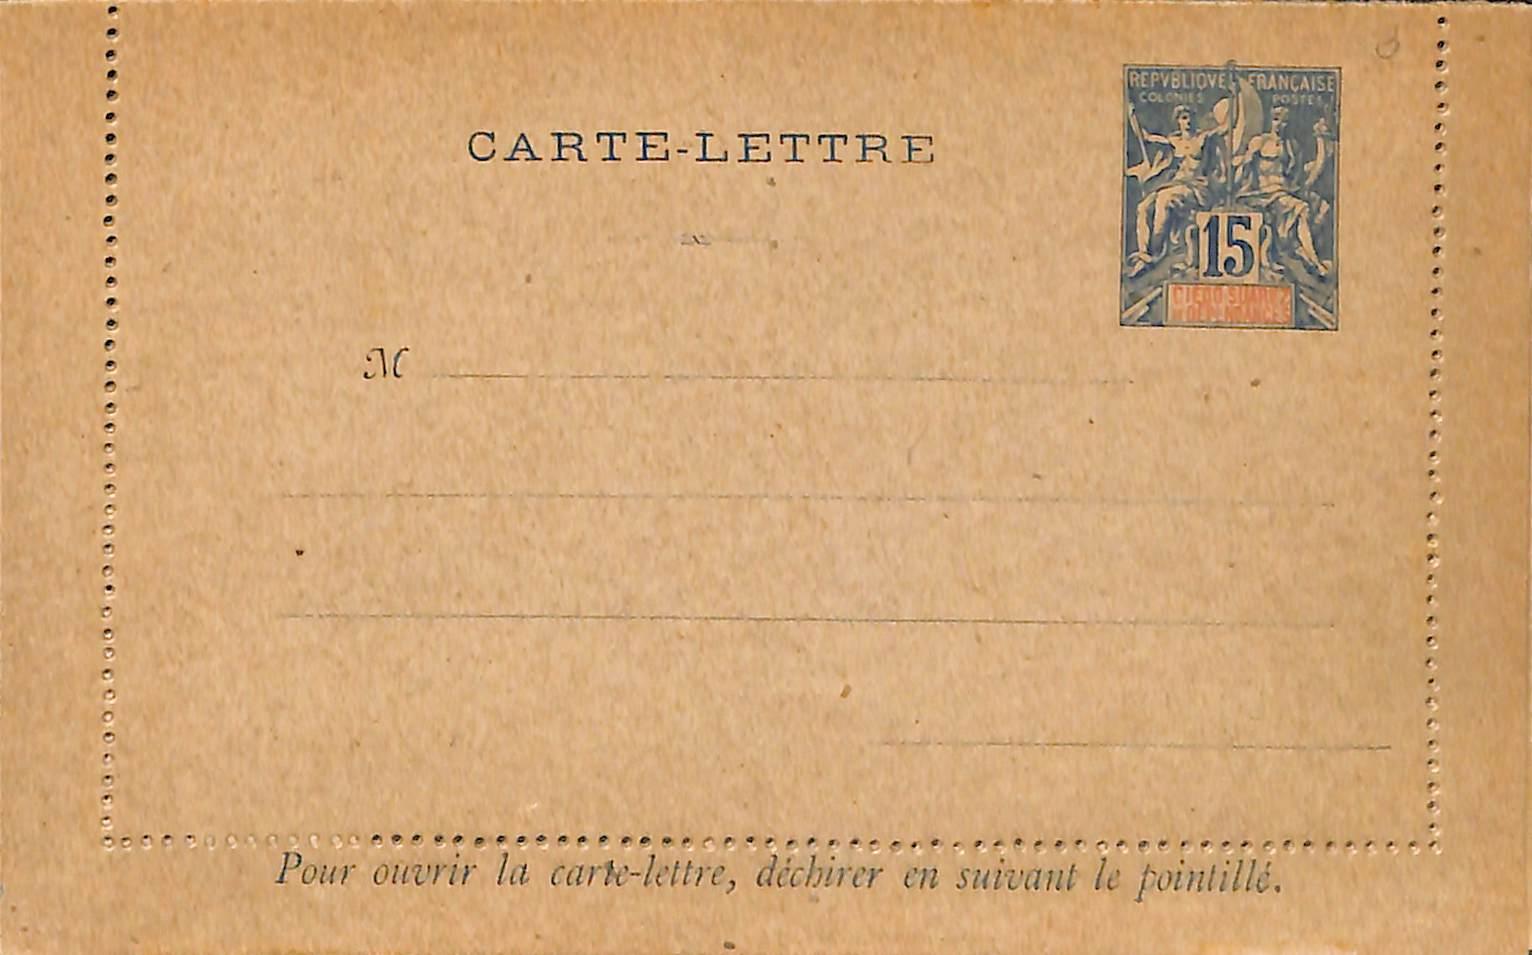 Diego Suarez, Card Letter 15c